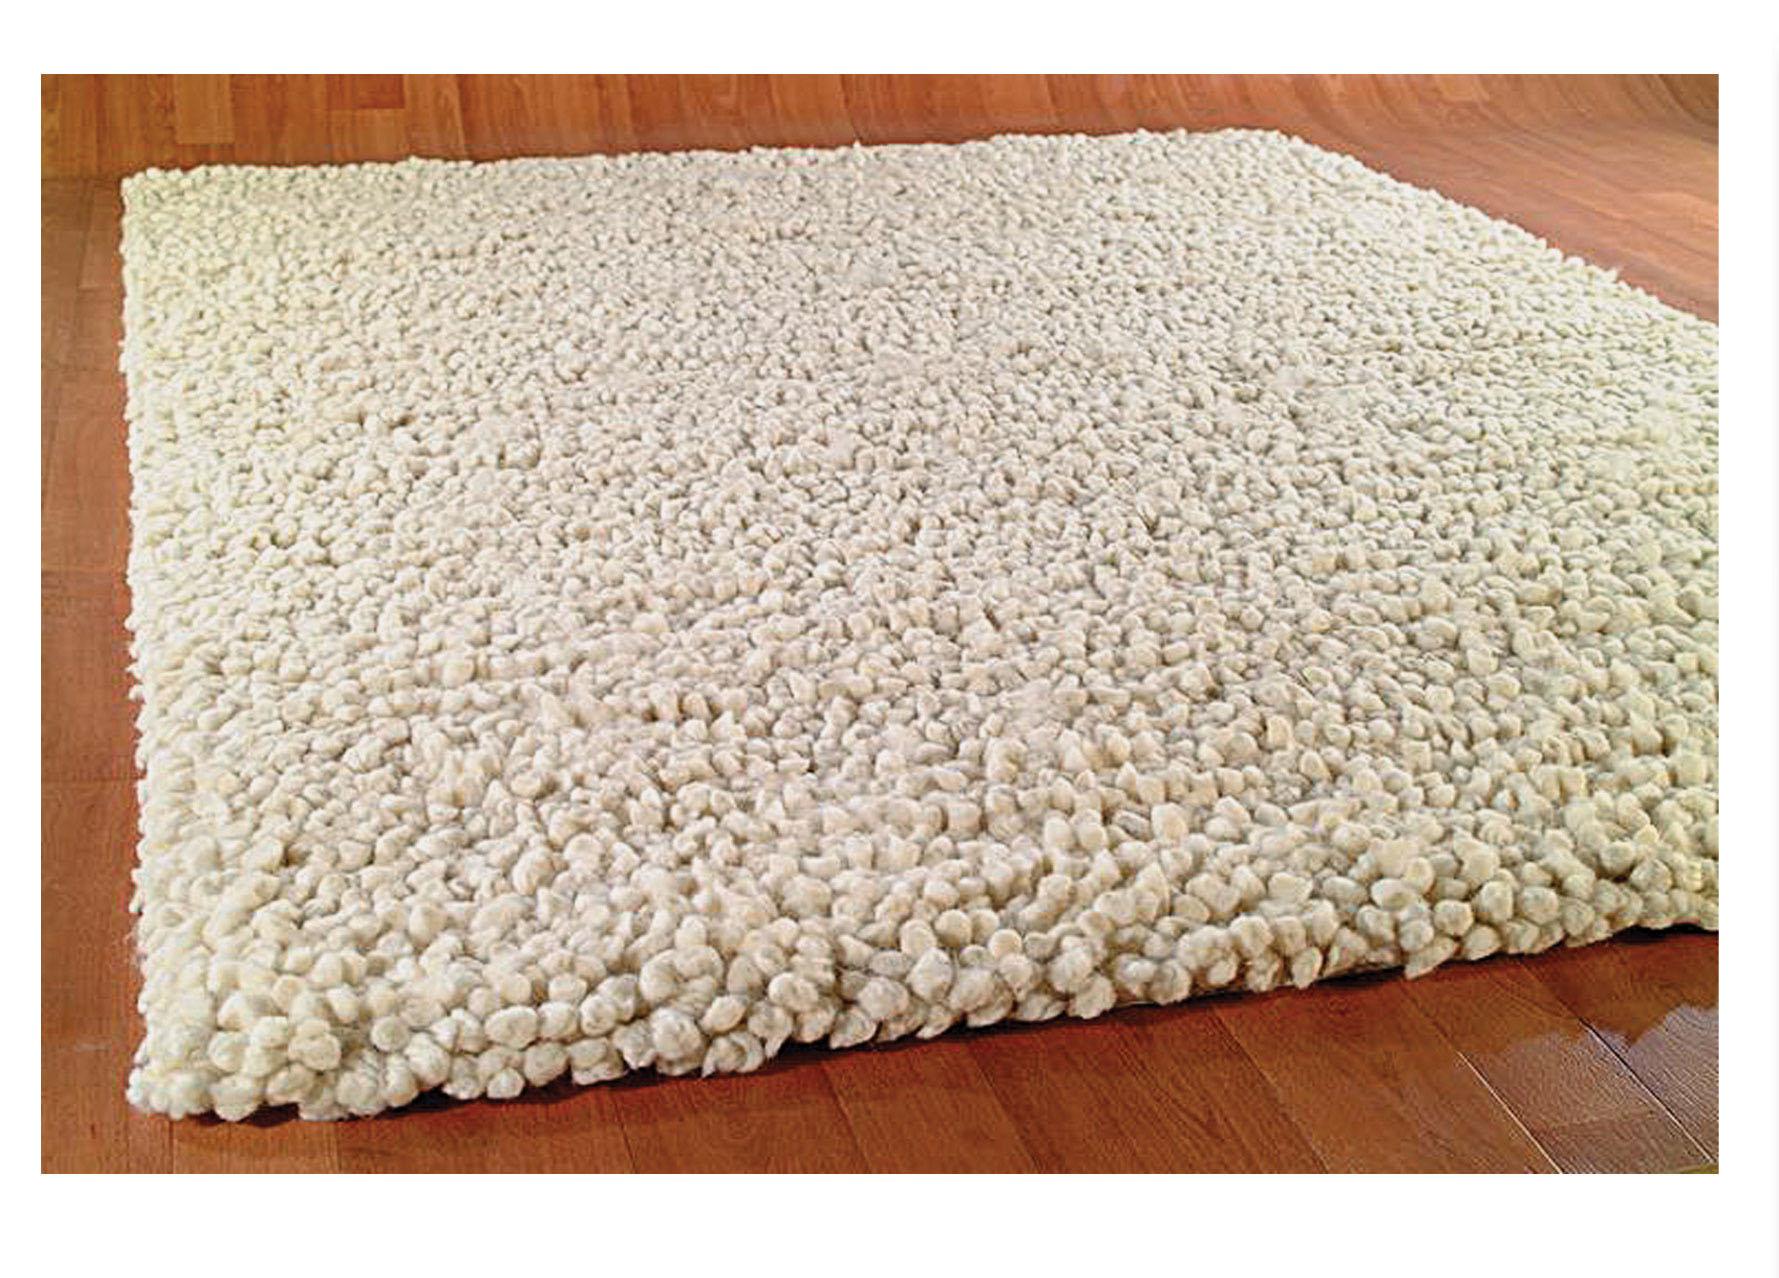 Wool Carpet Cleaning Carpet Vidalondon